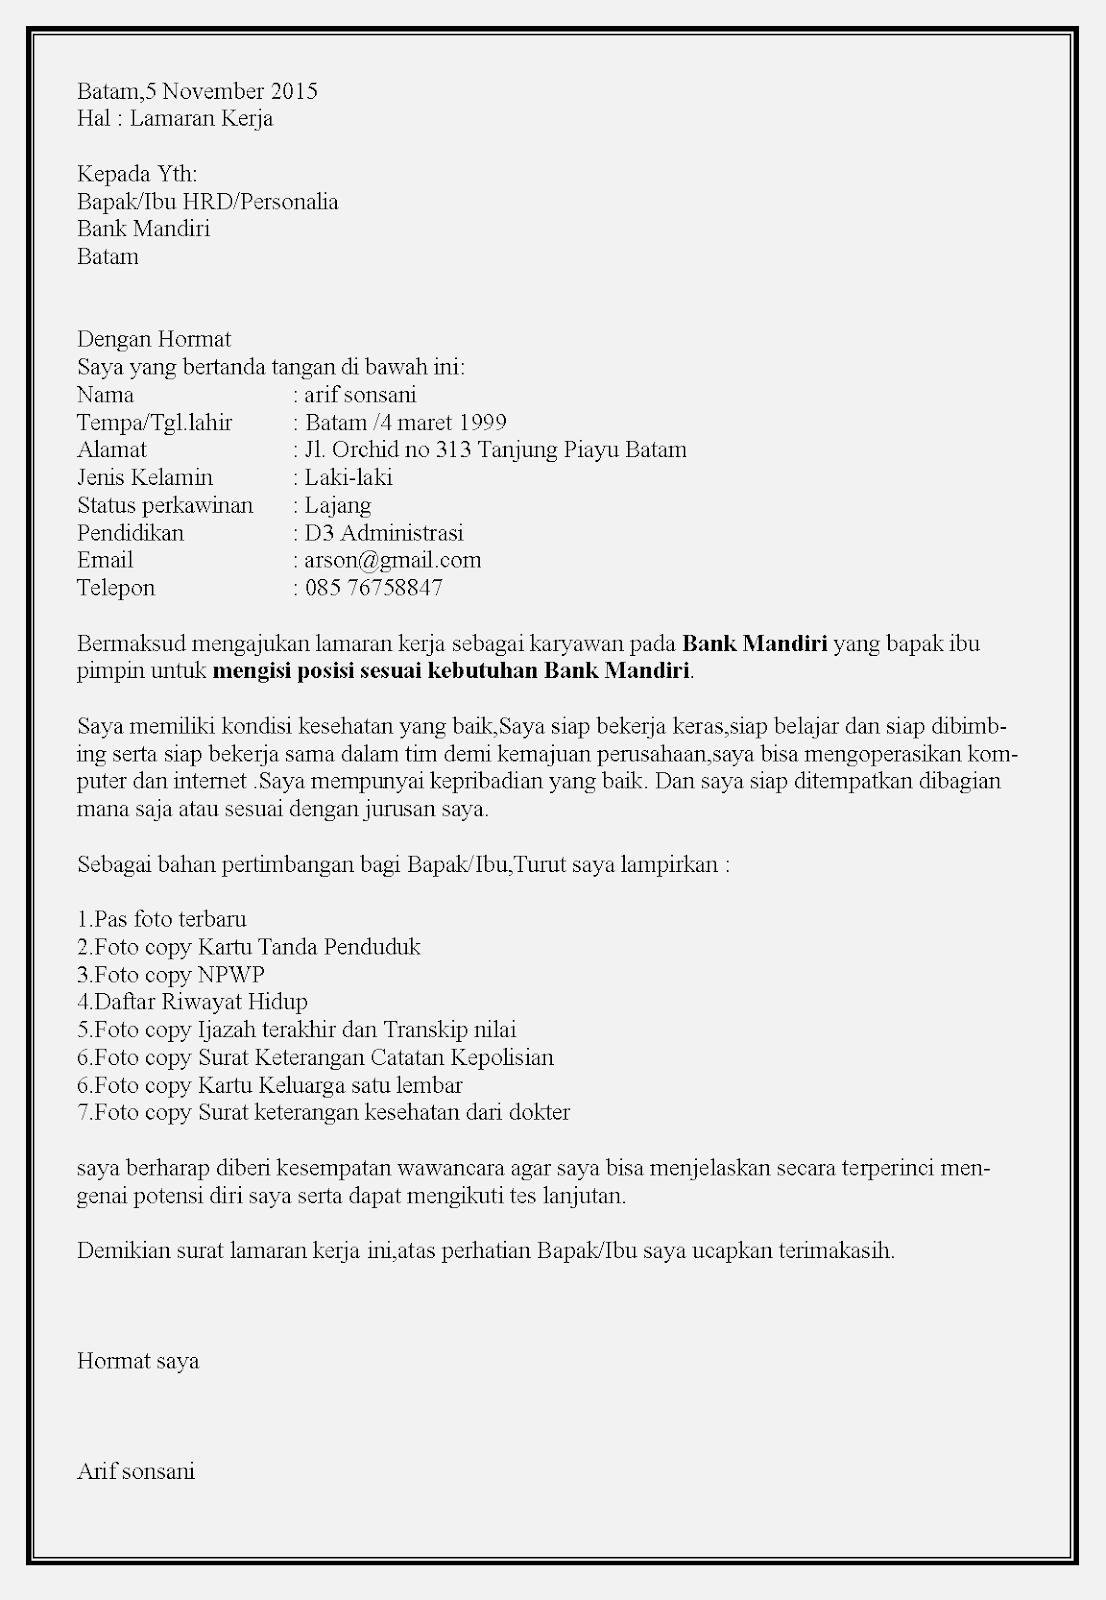 Contoh surat lamaran kerja bank mandiri atas inisiatif sendiri